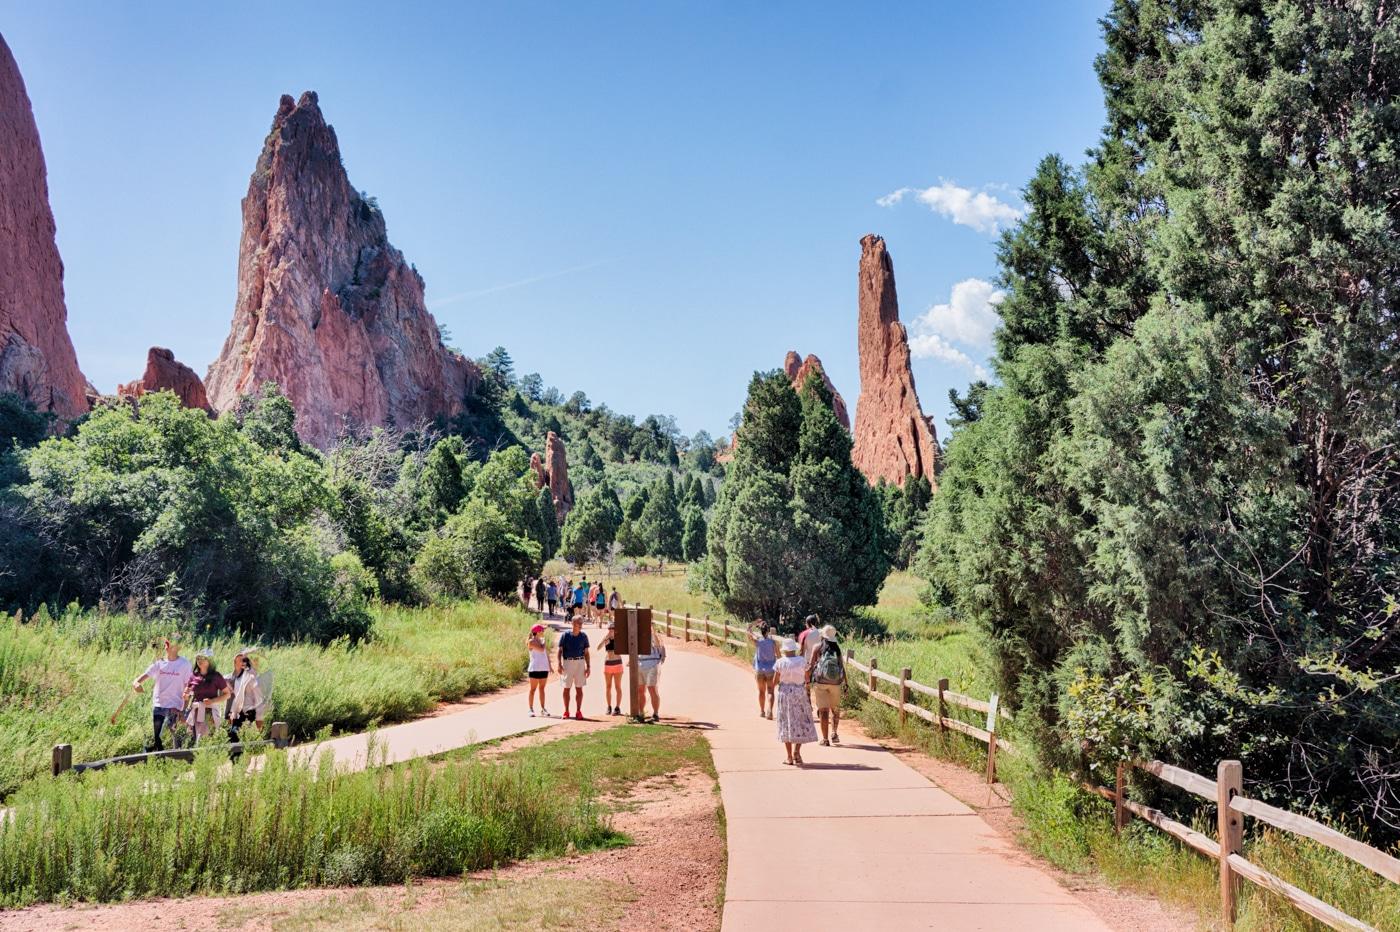 Garden Of The Gods Colorado Springs Co >> Garden Of The Gods Tour Self Guided Garden Of The Gods Colorado